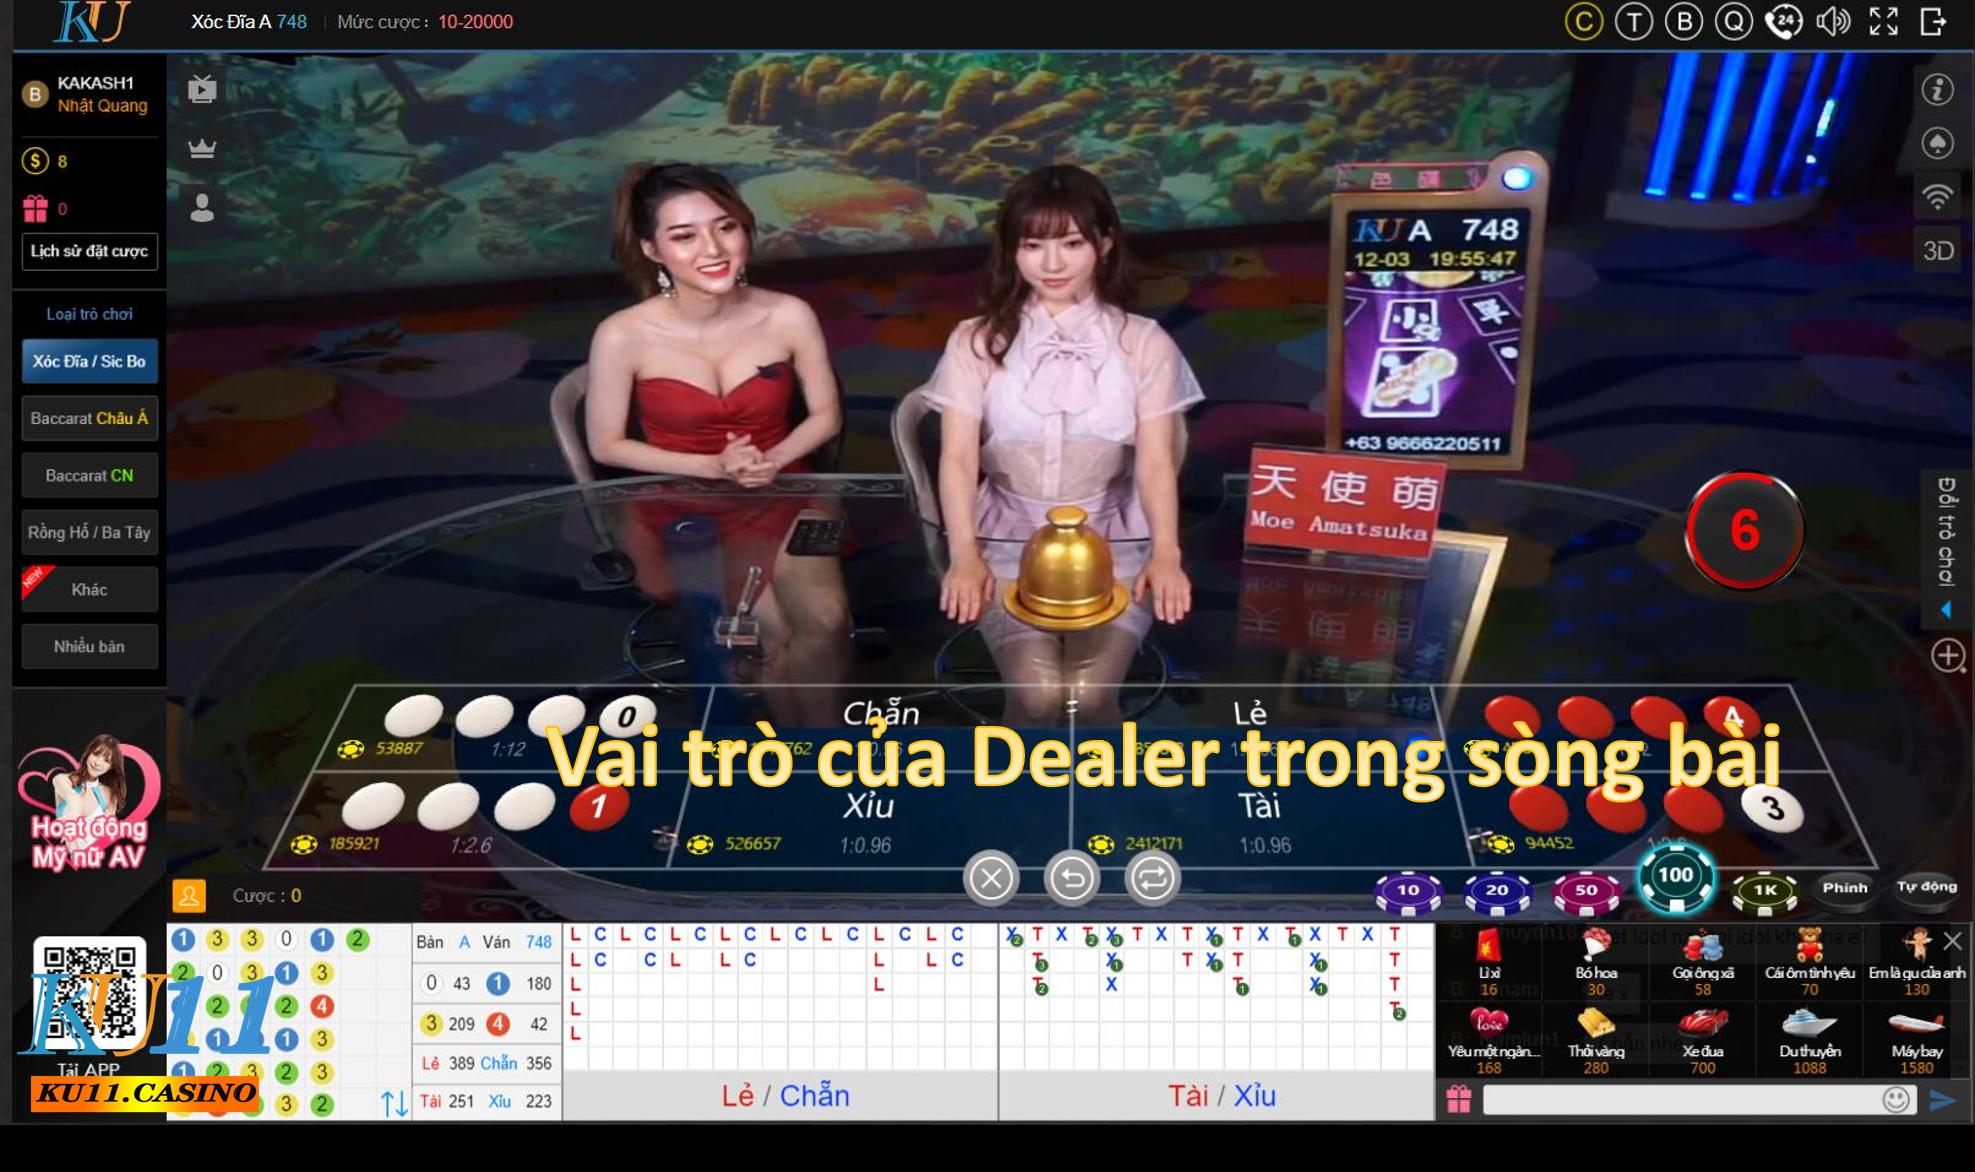 Vai trò của Dealer trong sòng bài